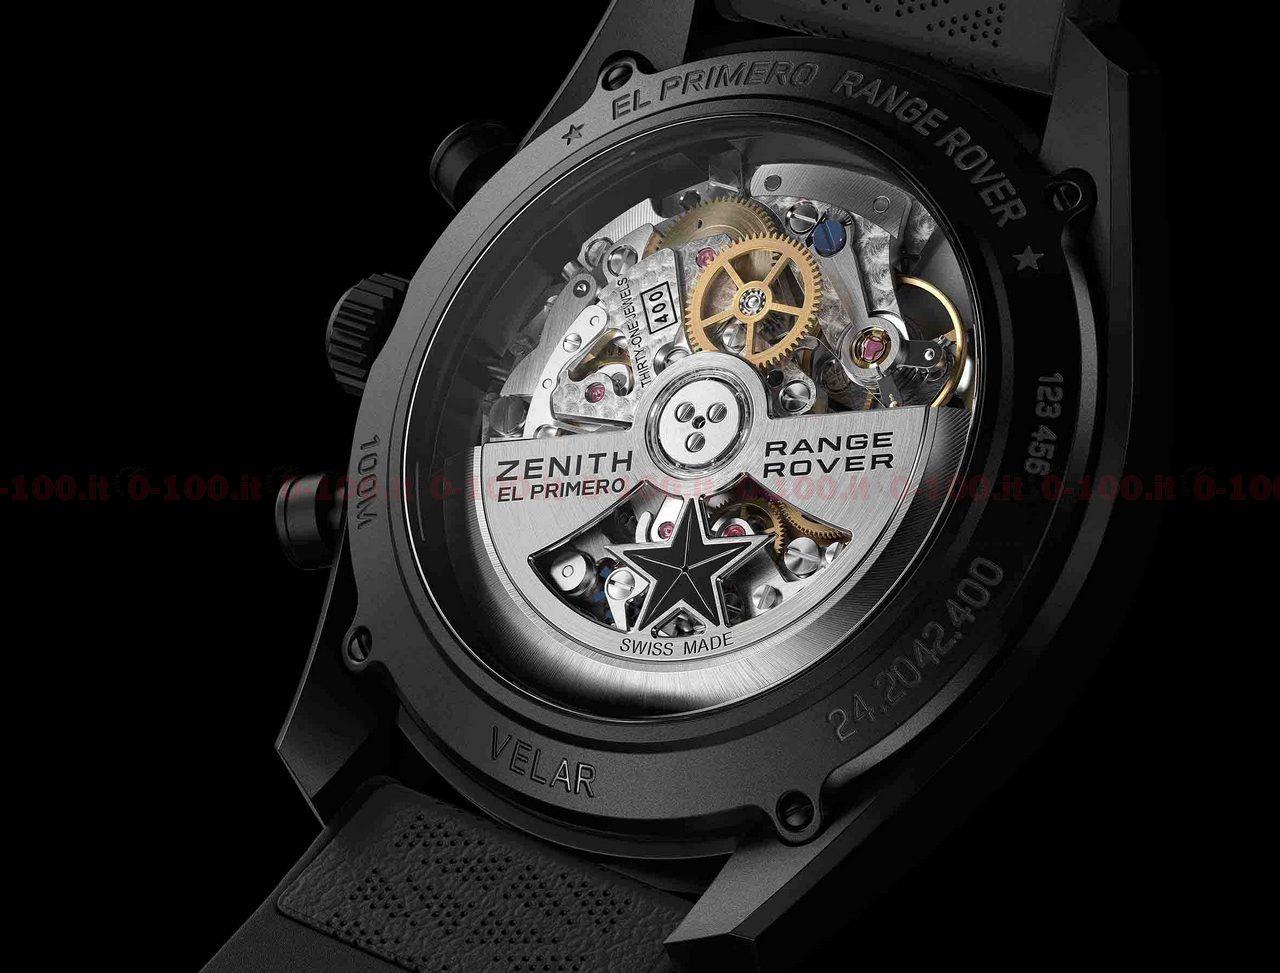 zenith-el-primero-chronomaster-range-rover-velar-ref-24-2042-40027-r799-prezzo-price_0-1003